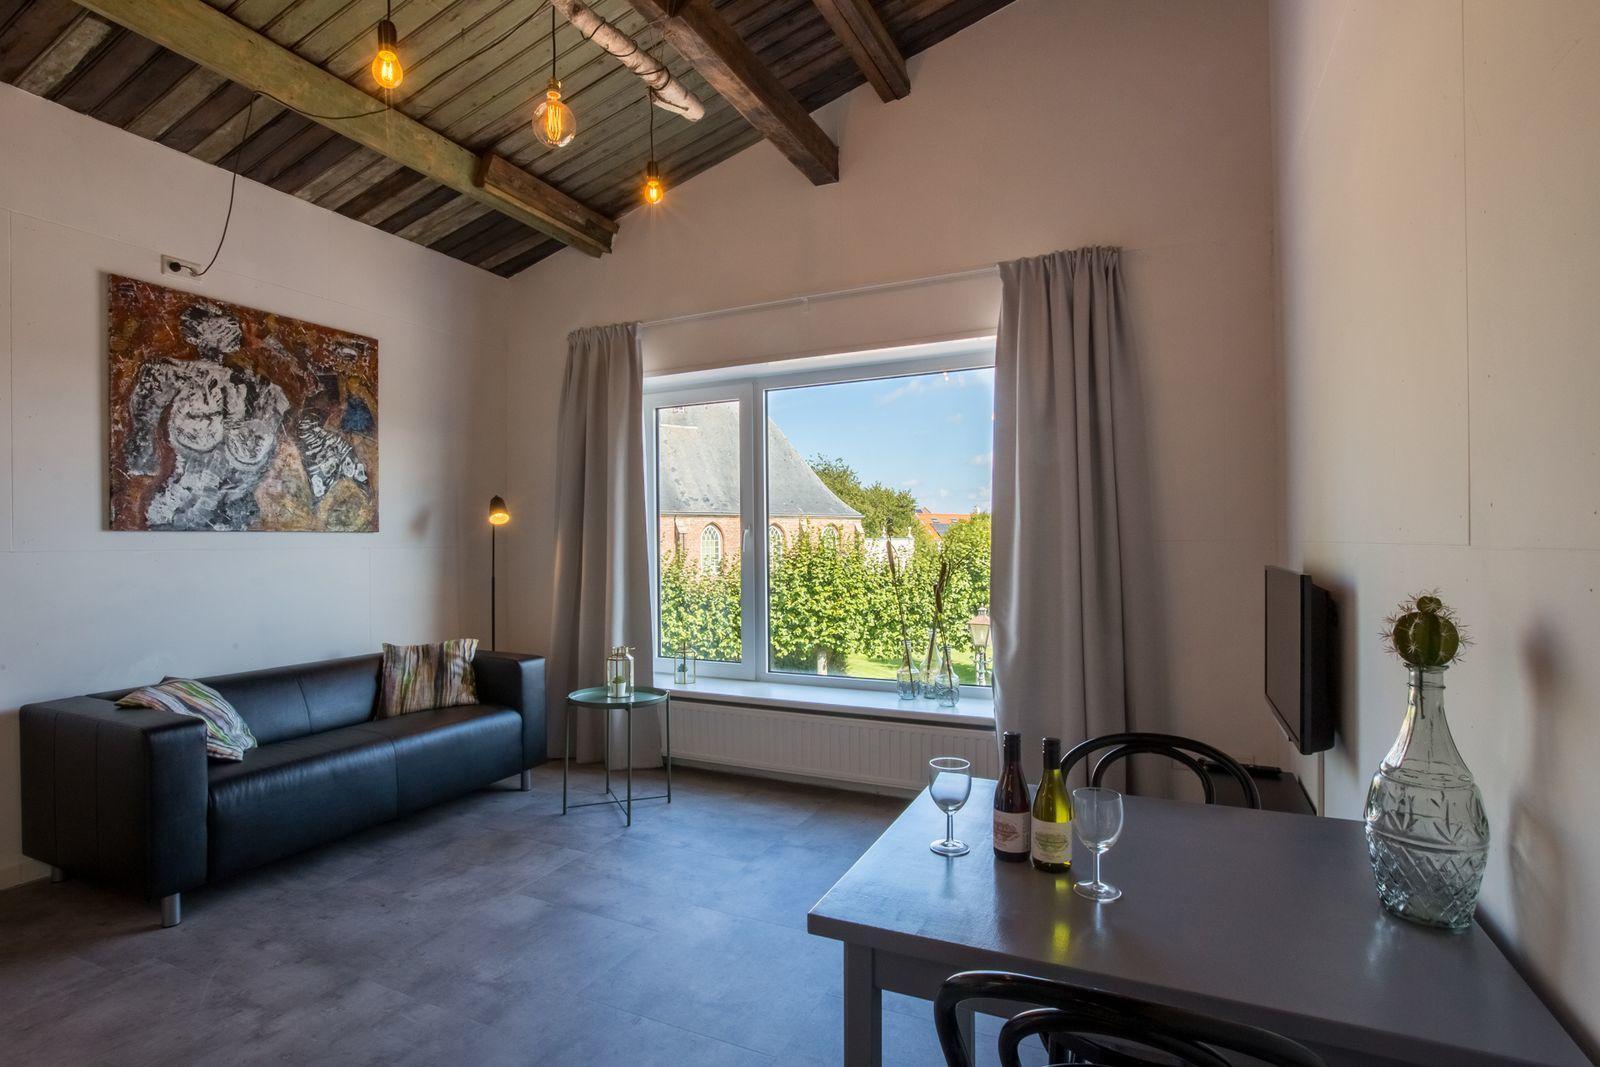 Ferienhaus für 2 Personen ca 35 m² in Koudekerke Zeeland Küste von Zeeland